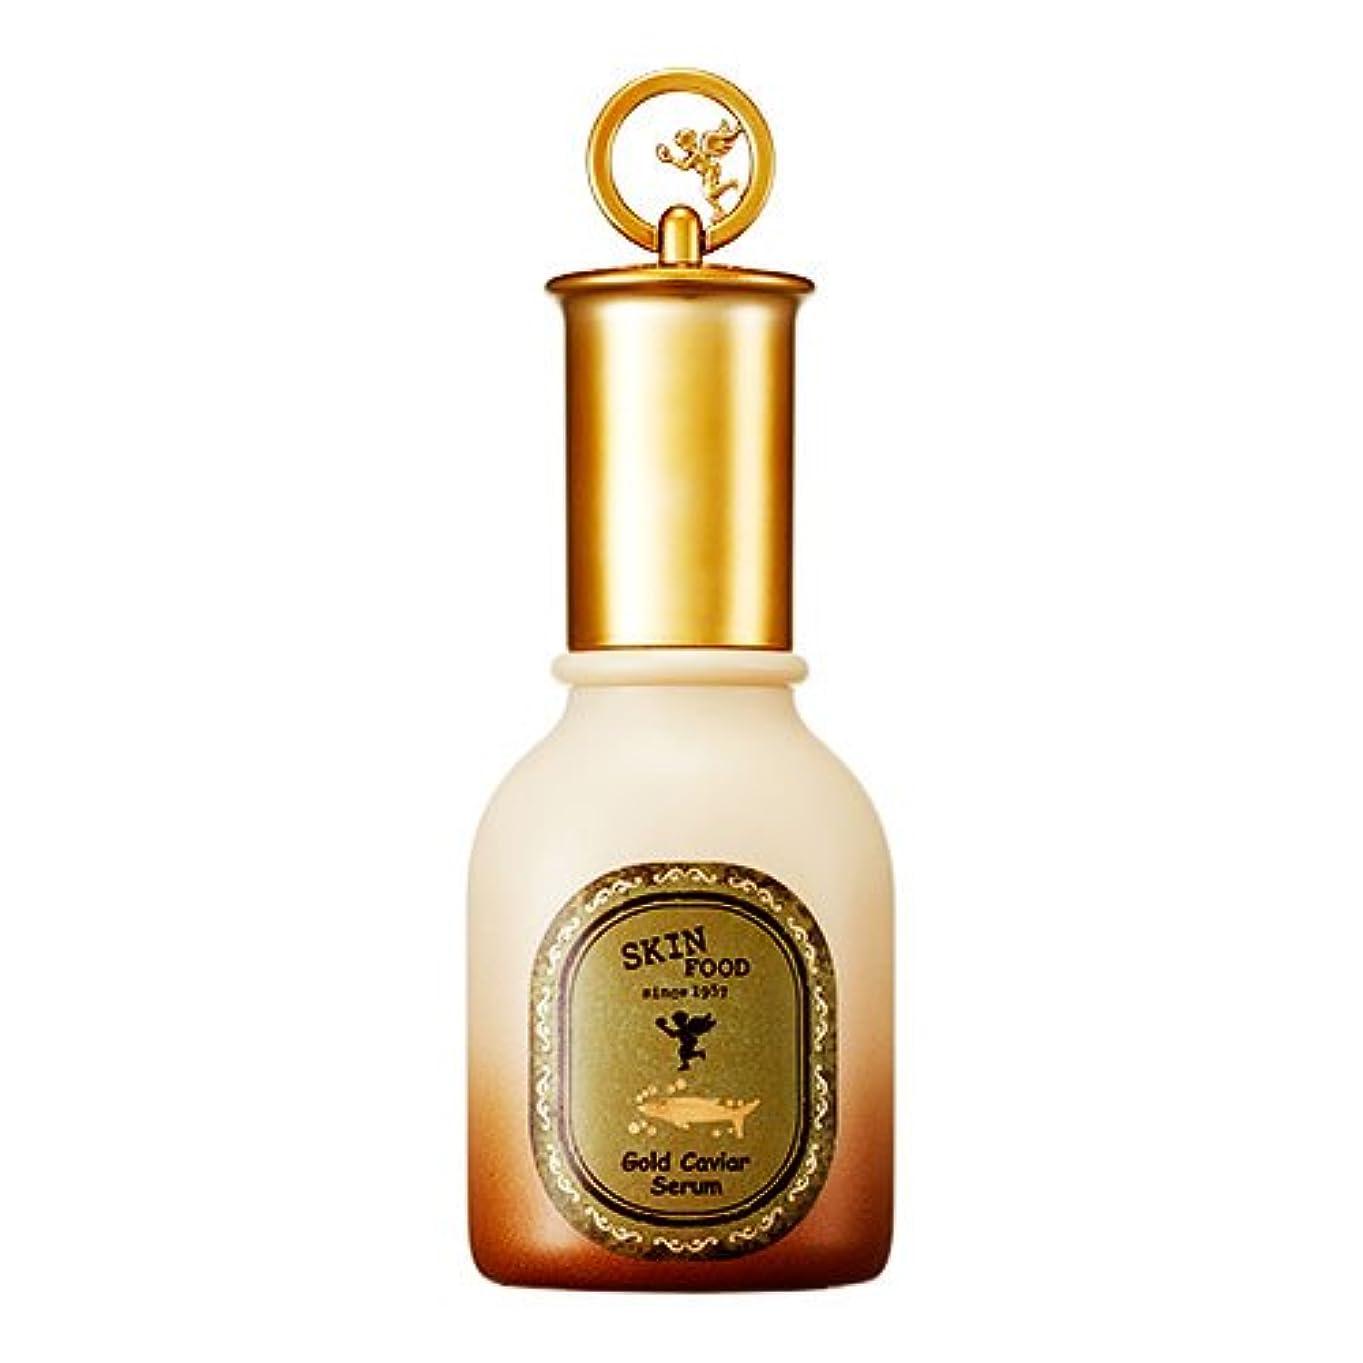 対処病んでいるミシンSkinfood ゴールドキャビアセラム(しわケア) / Gold Caviar Serum (wrinkle care) 45ml [並行輸入品]